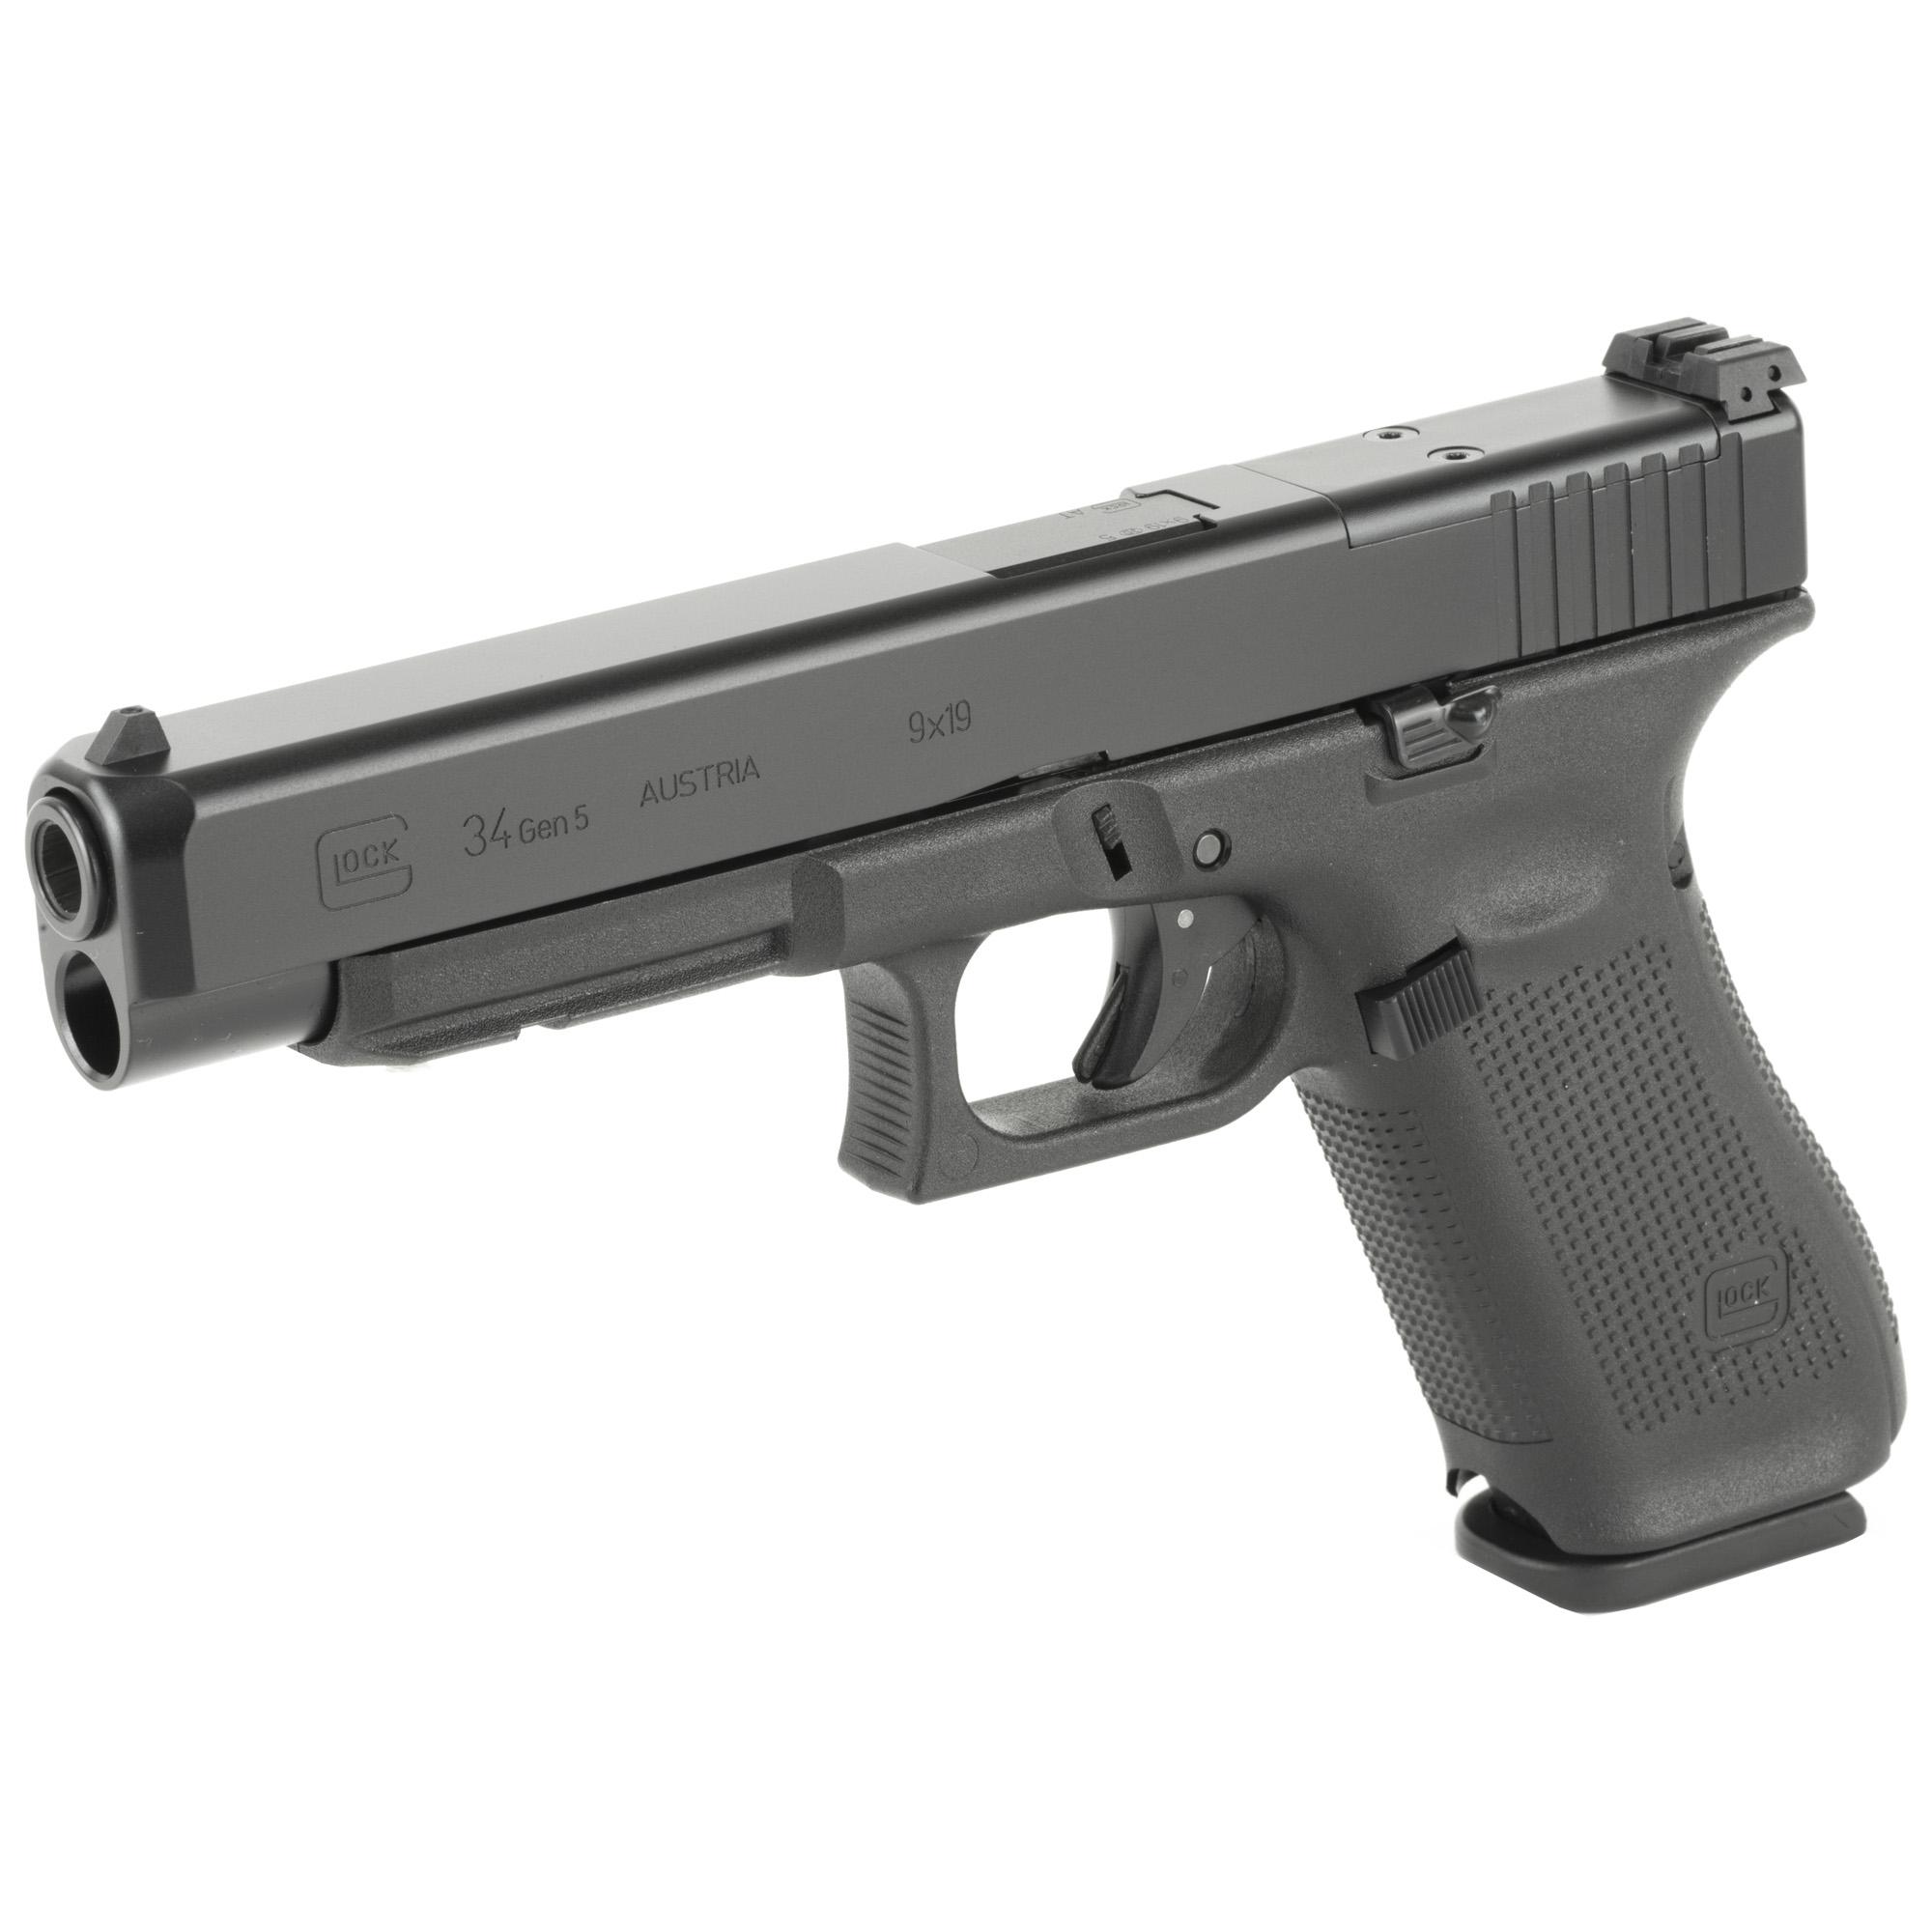 Glock 34 GEN 5 MOS 9mm · DK Firearms